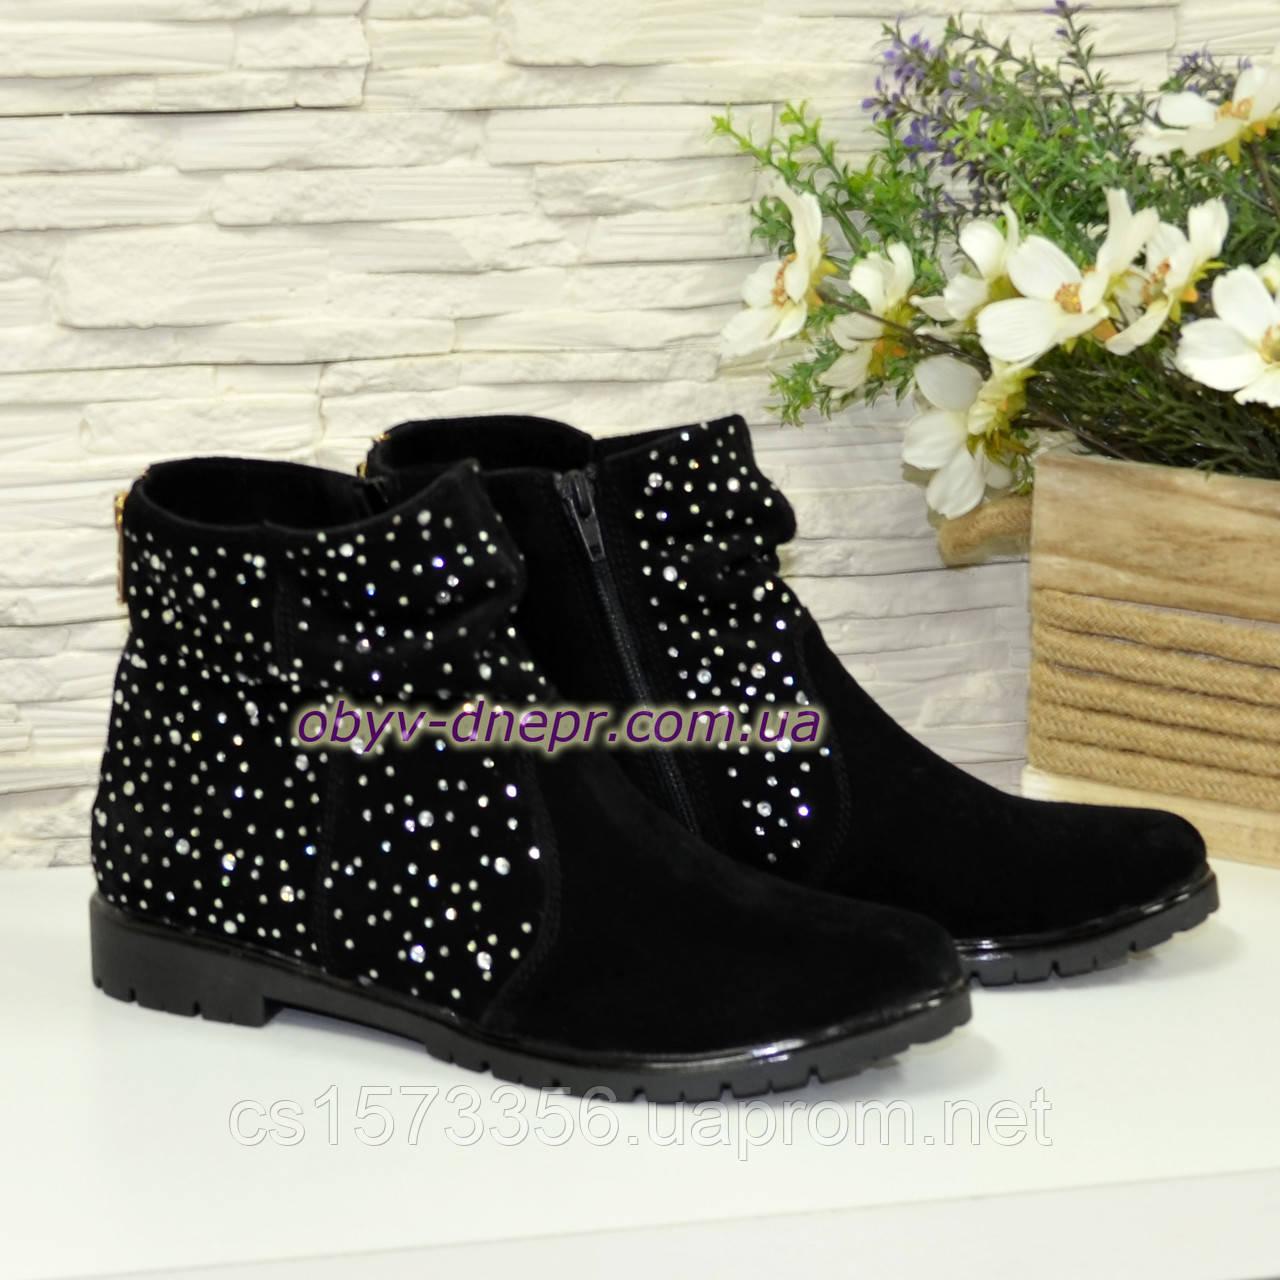 Женские ботинки (ботильоны)  замшевые демисезонные